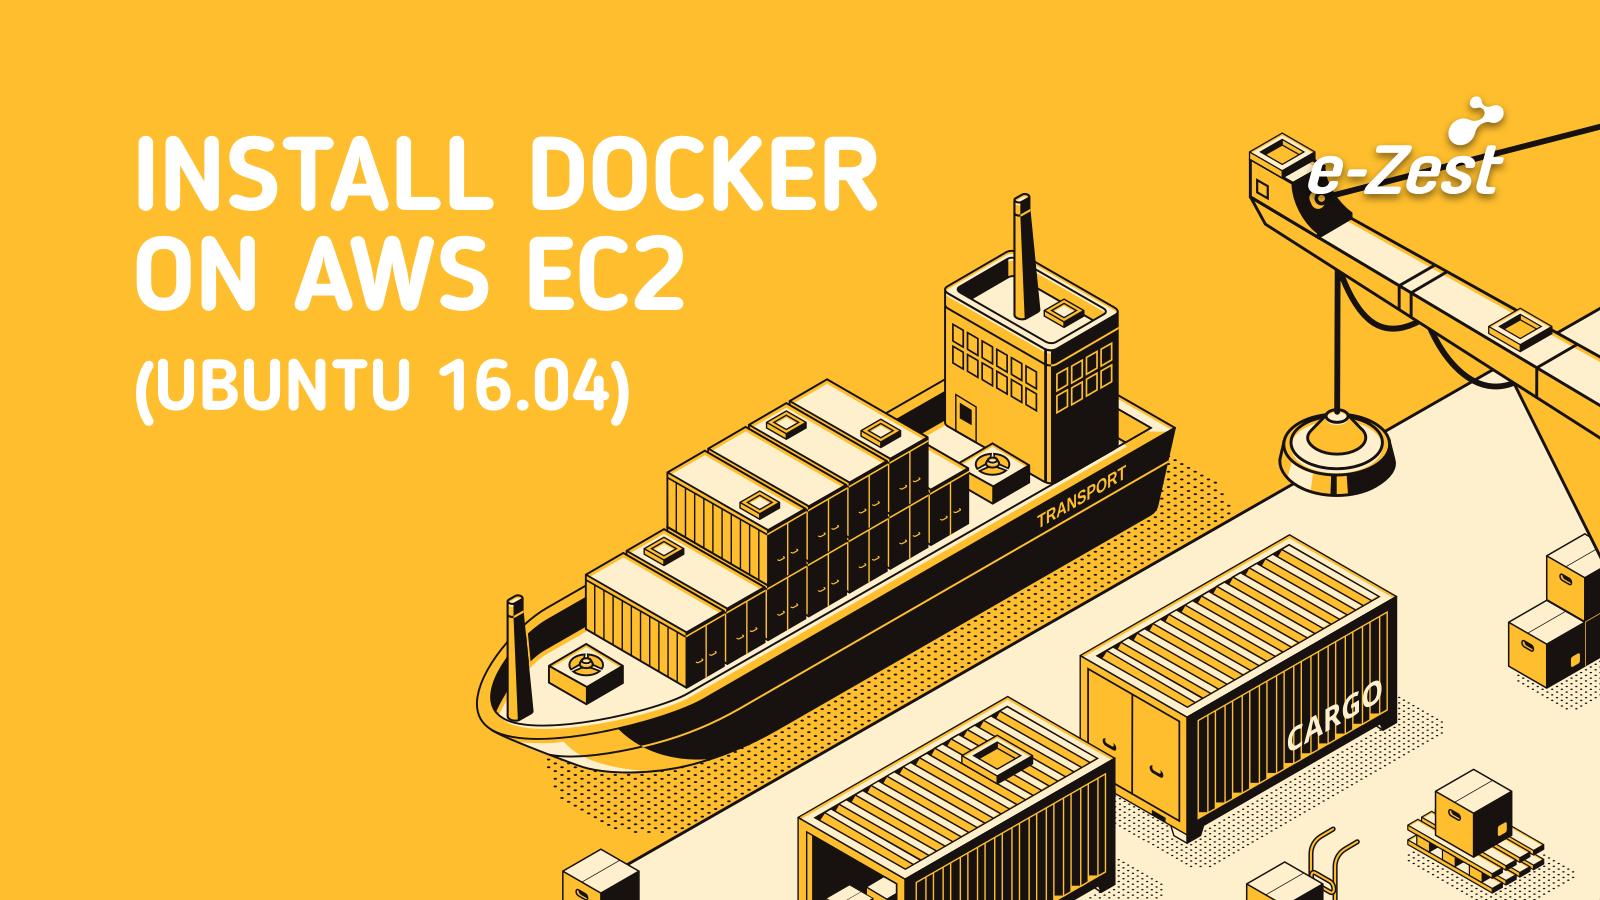 install-docker-on-aws-ec2